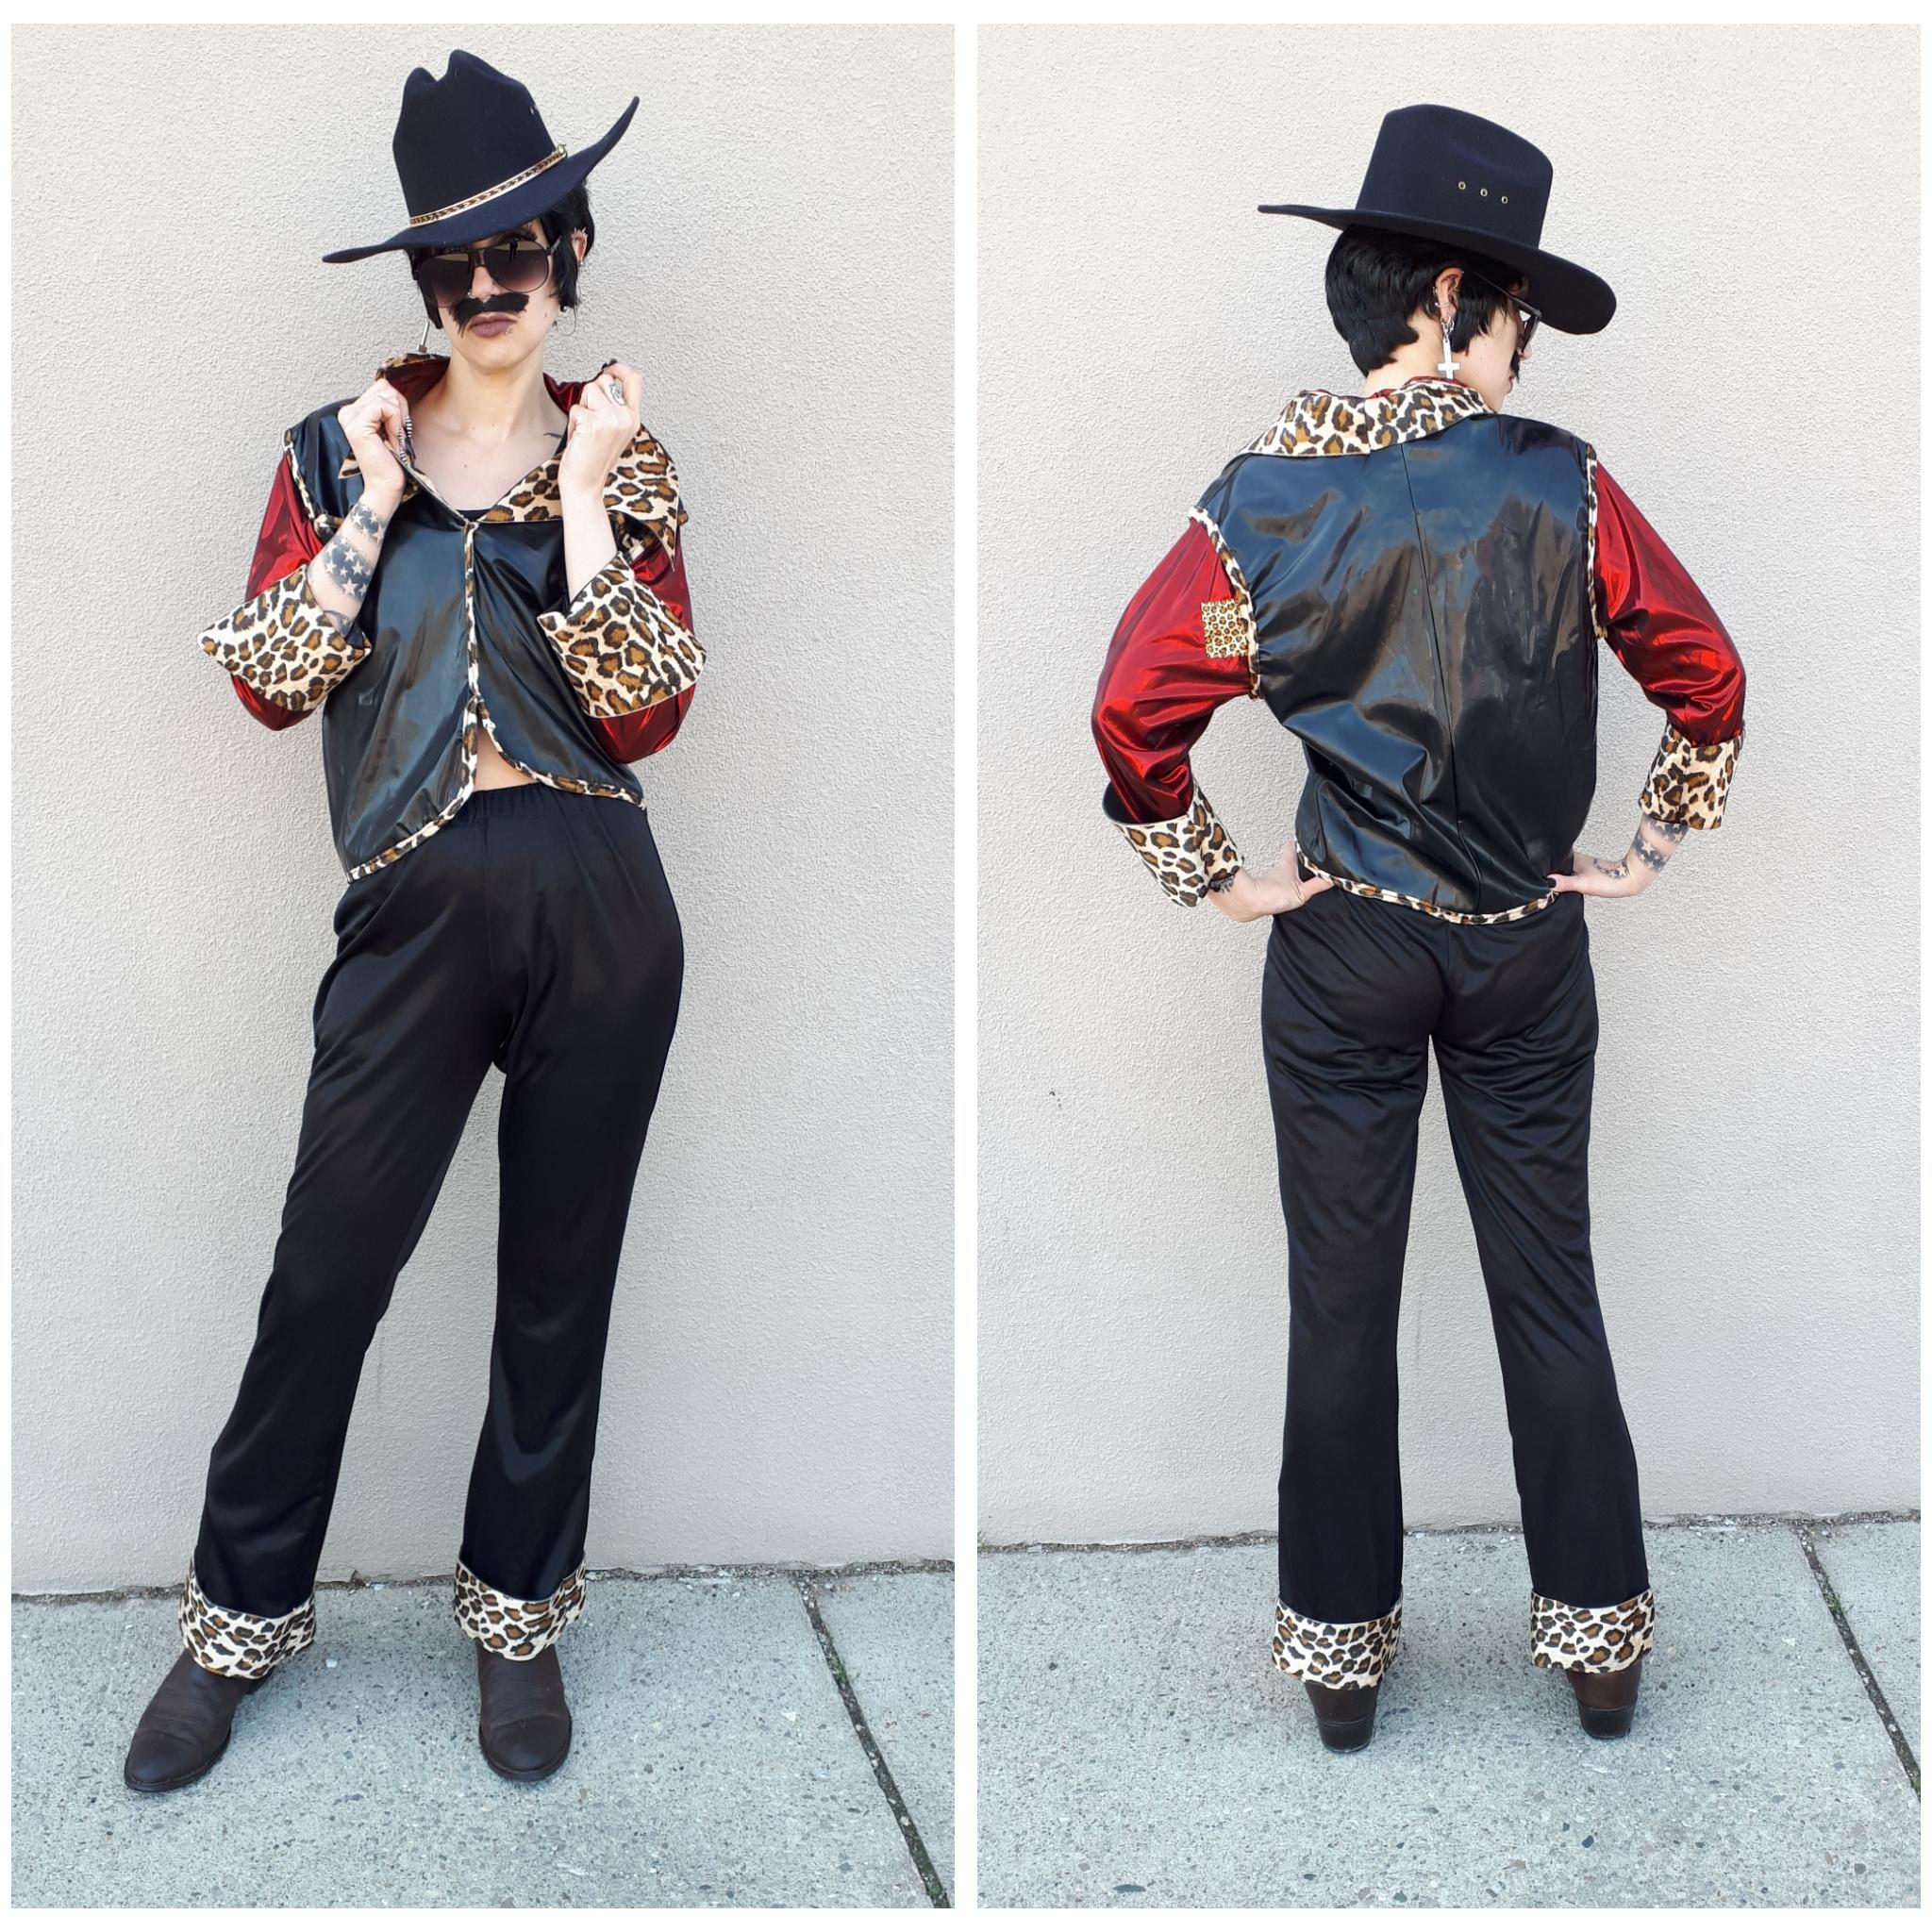 Pimpin' Cowboy